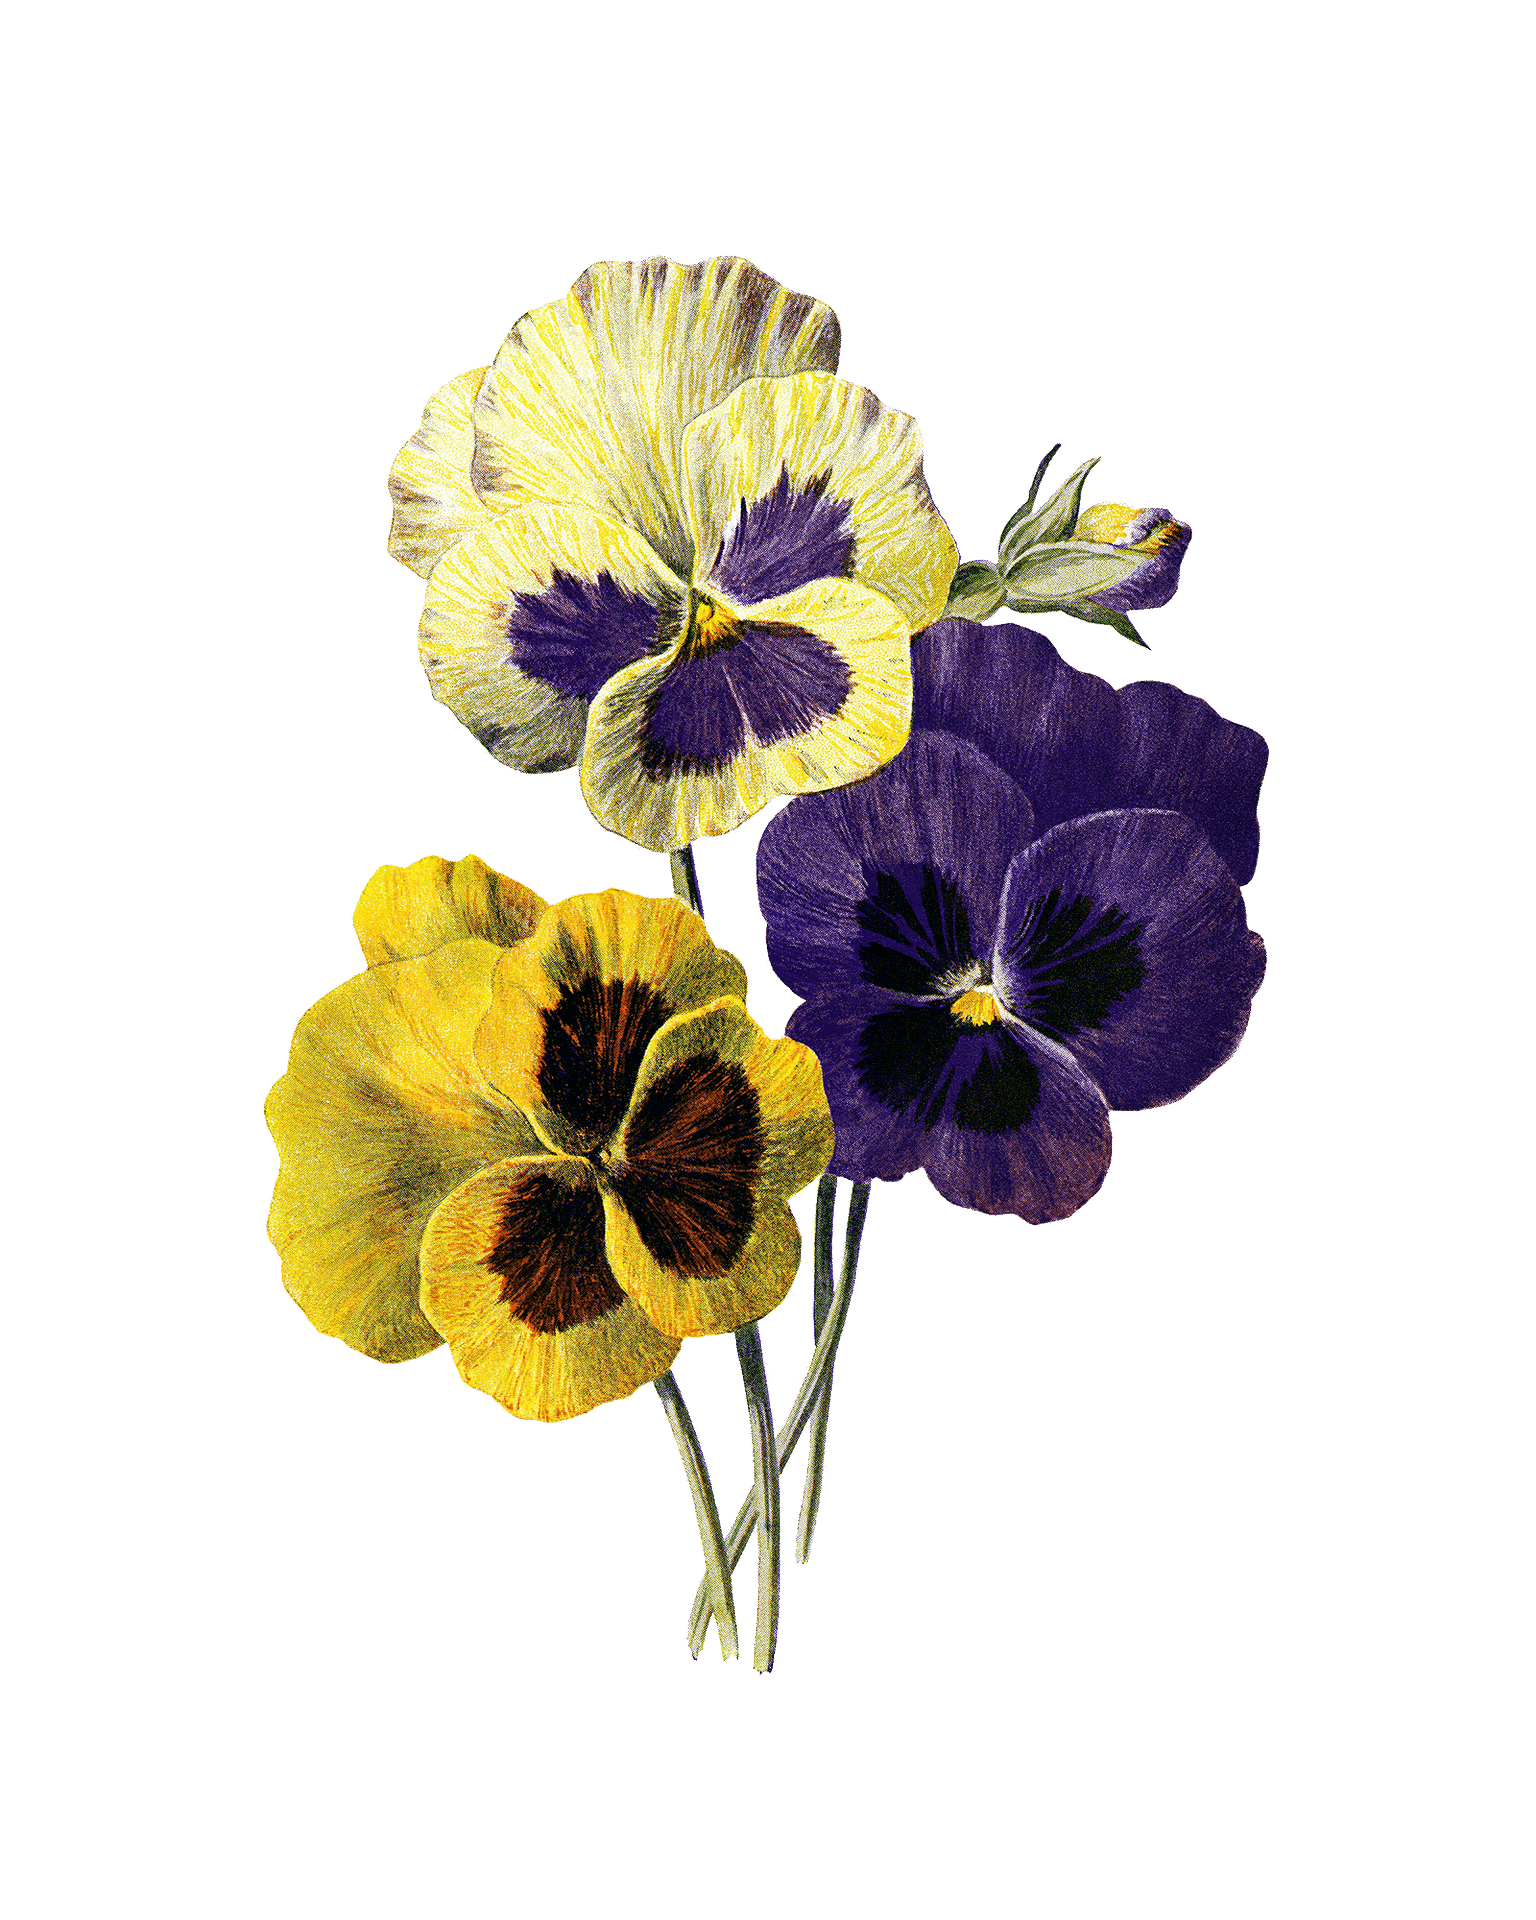 Gelb Lila Blumen mit je 5 Blütenblättern Illustration bunt auf weißem Hintergrund